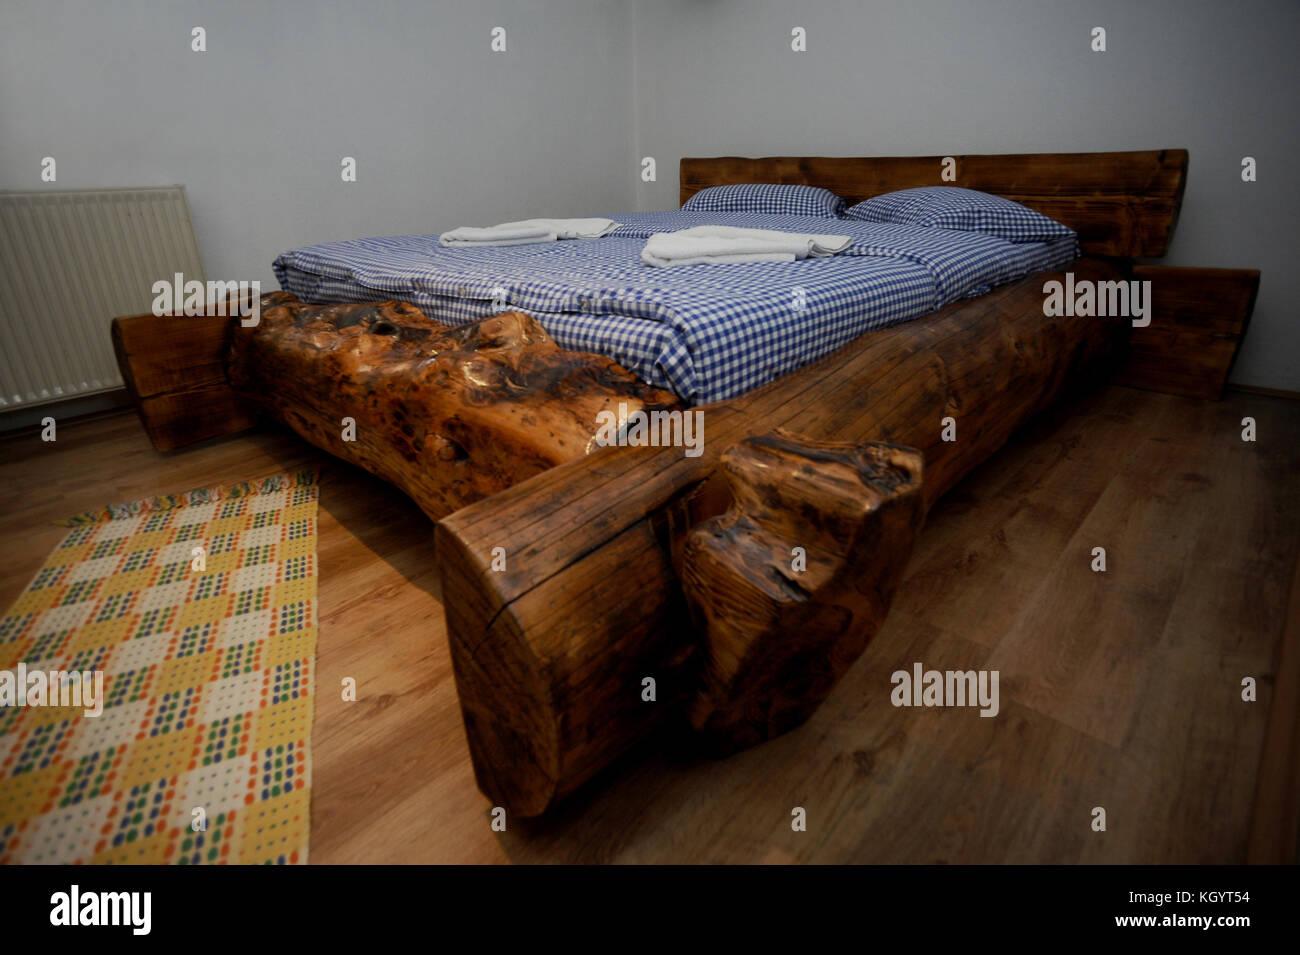 Letto Rustico Legno : Divani in legno rustici letto ndash oobbinfo divano rustico idee